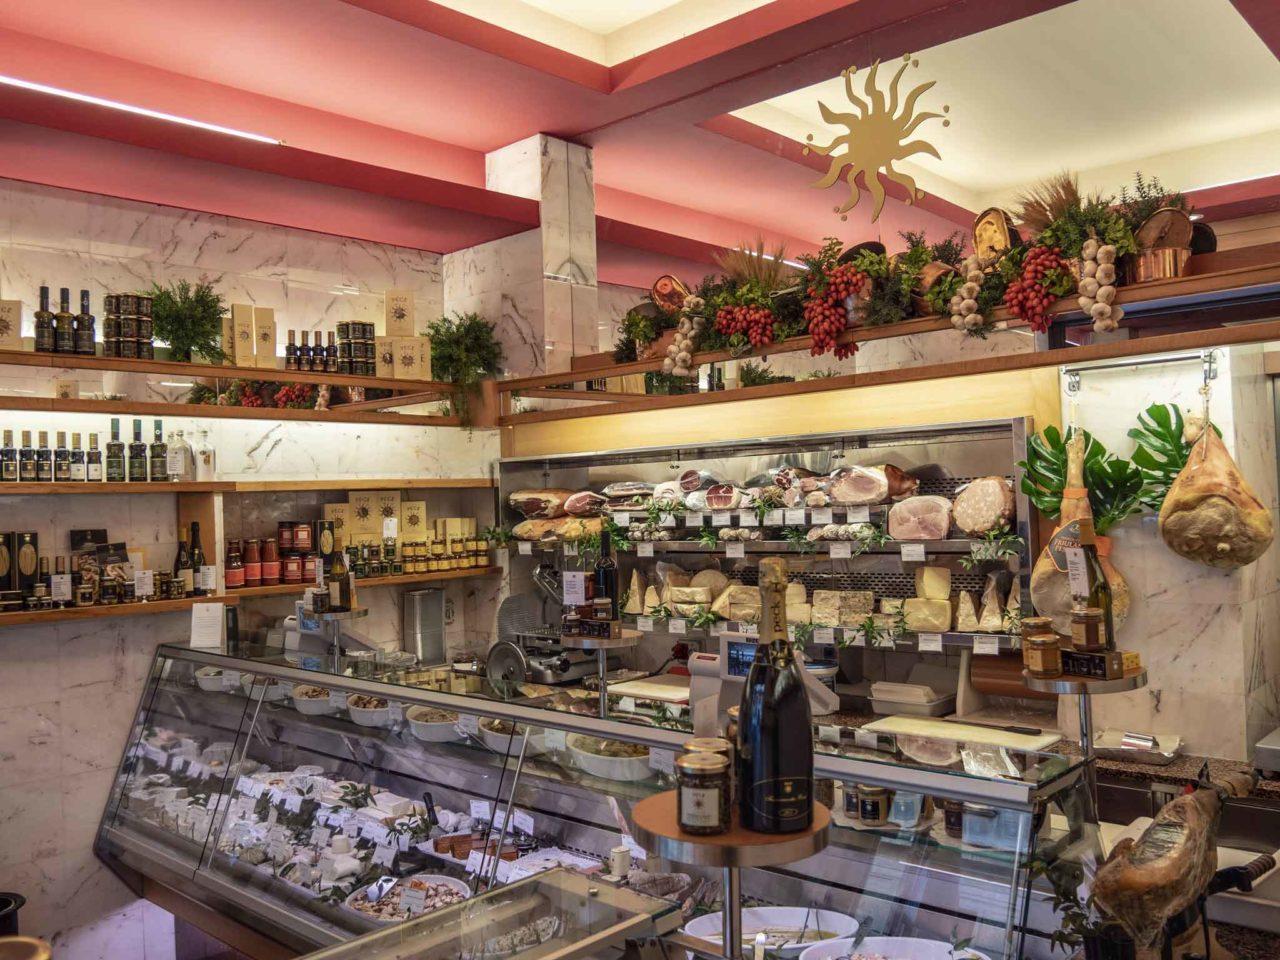 Migliori ristoranti di Milano: Peck, la bottega